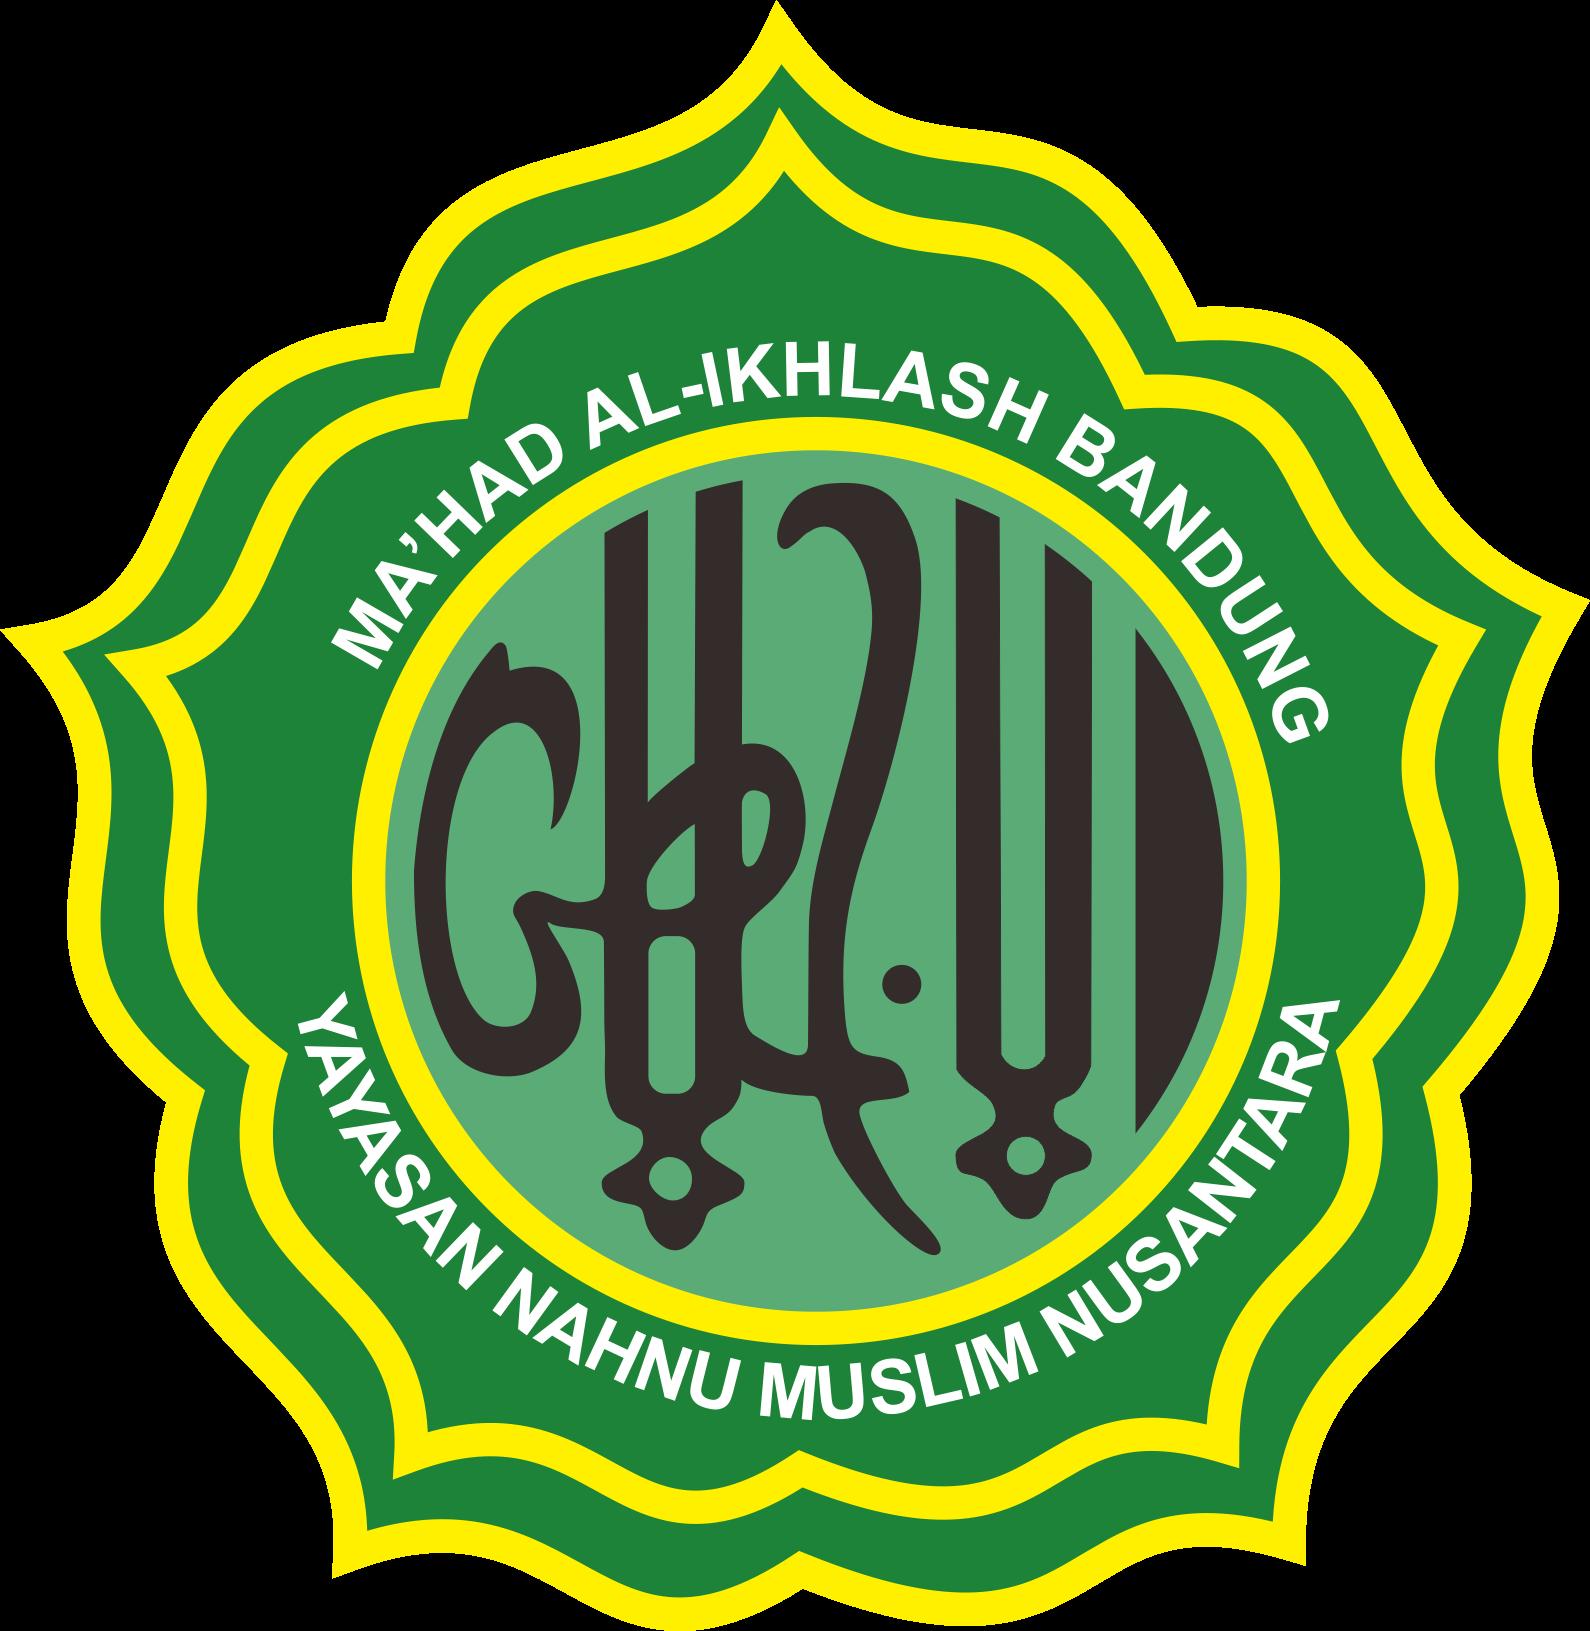 Ma'had Al-Ikhlash Bandung